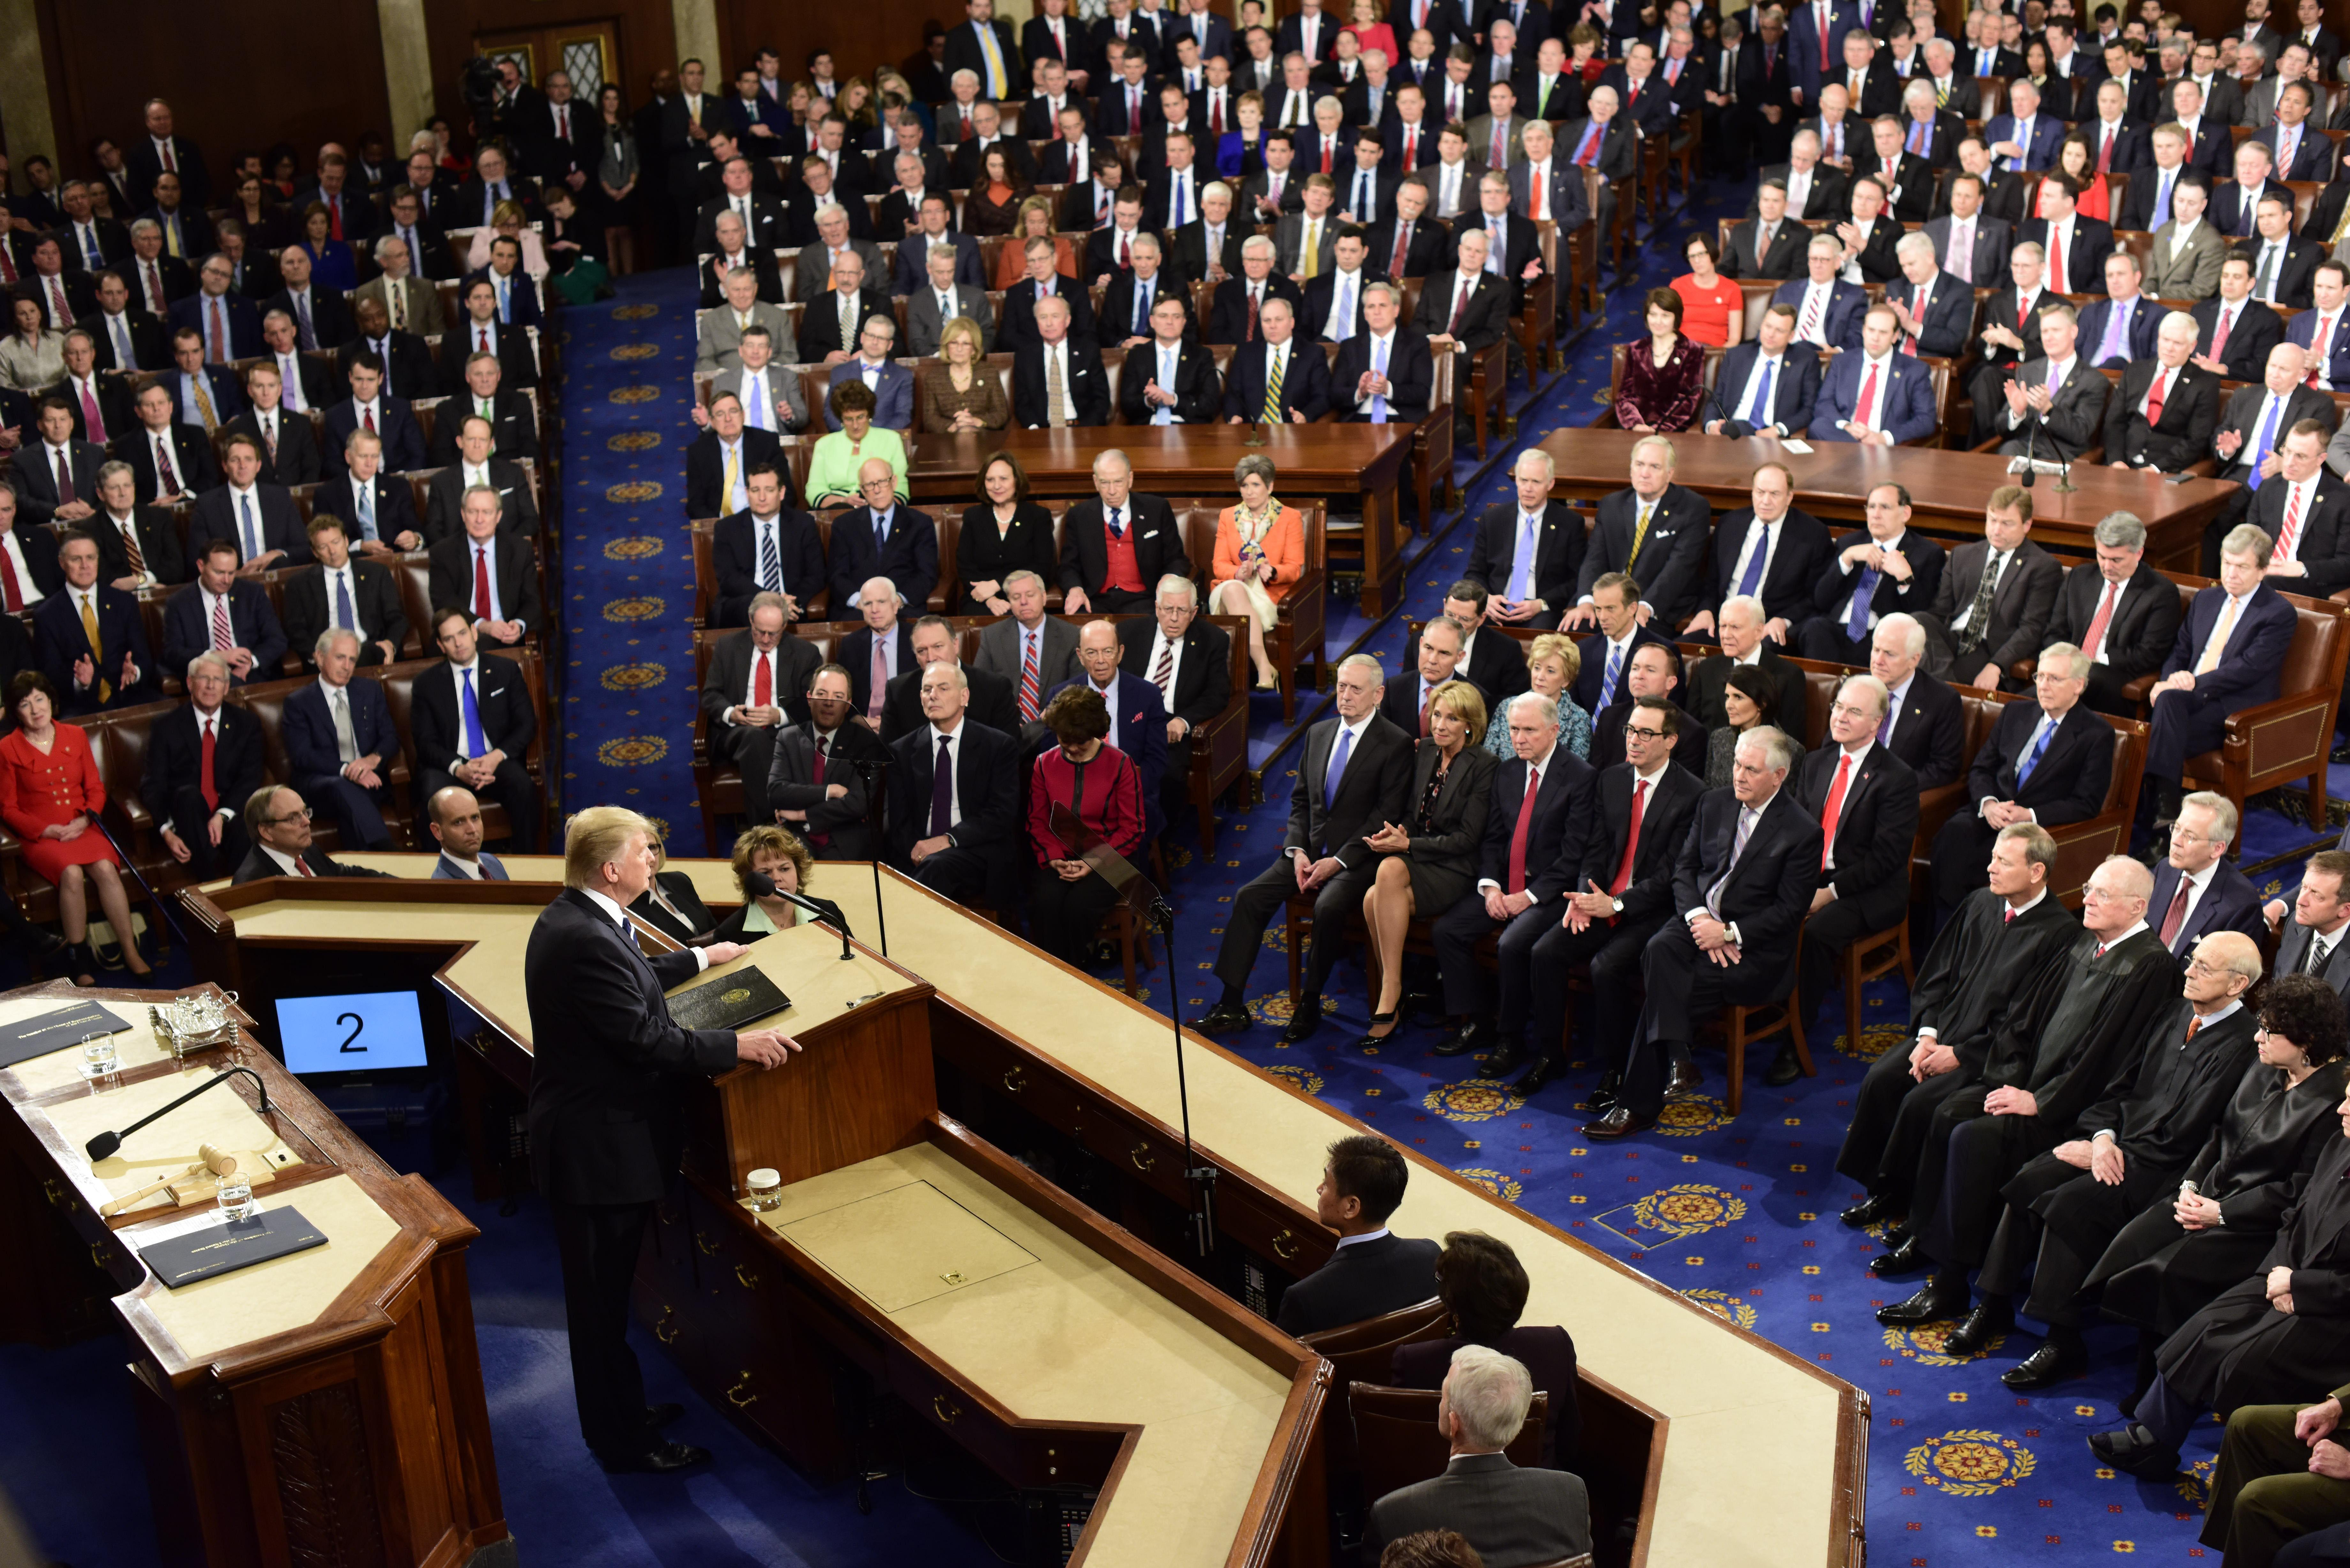 Donald Trump, ante senadores y representantes, en el discurso del 2017 (Washington Post/Melina Mara)